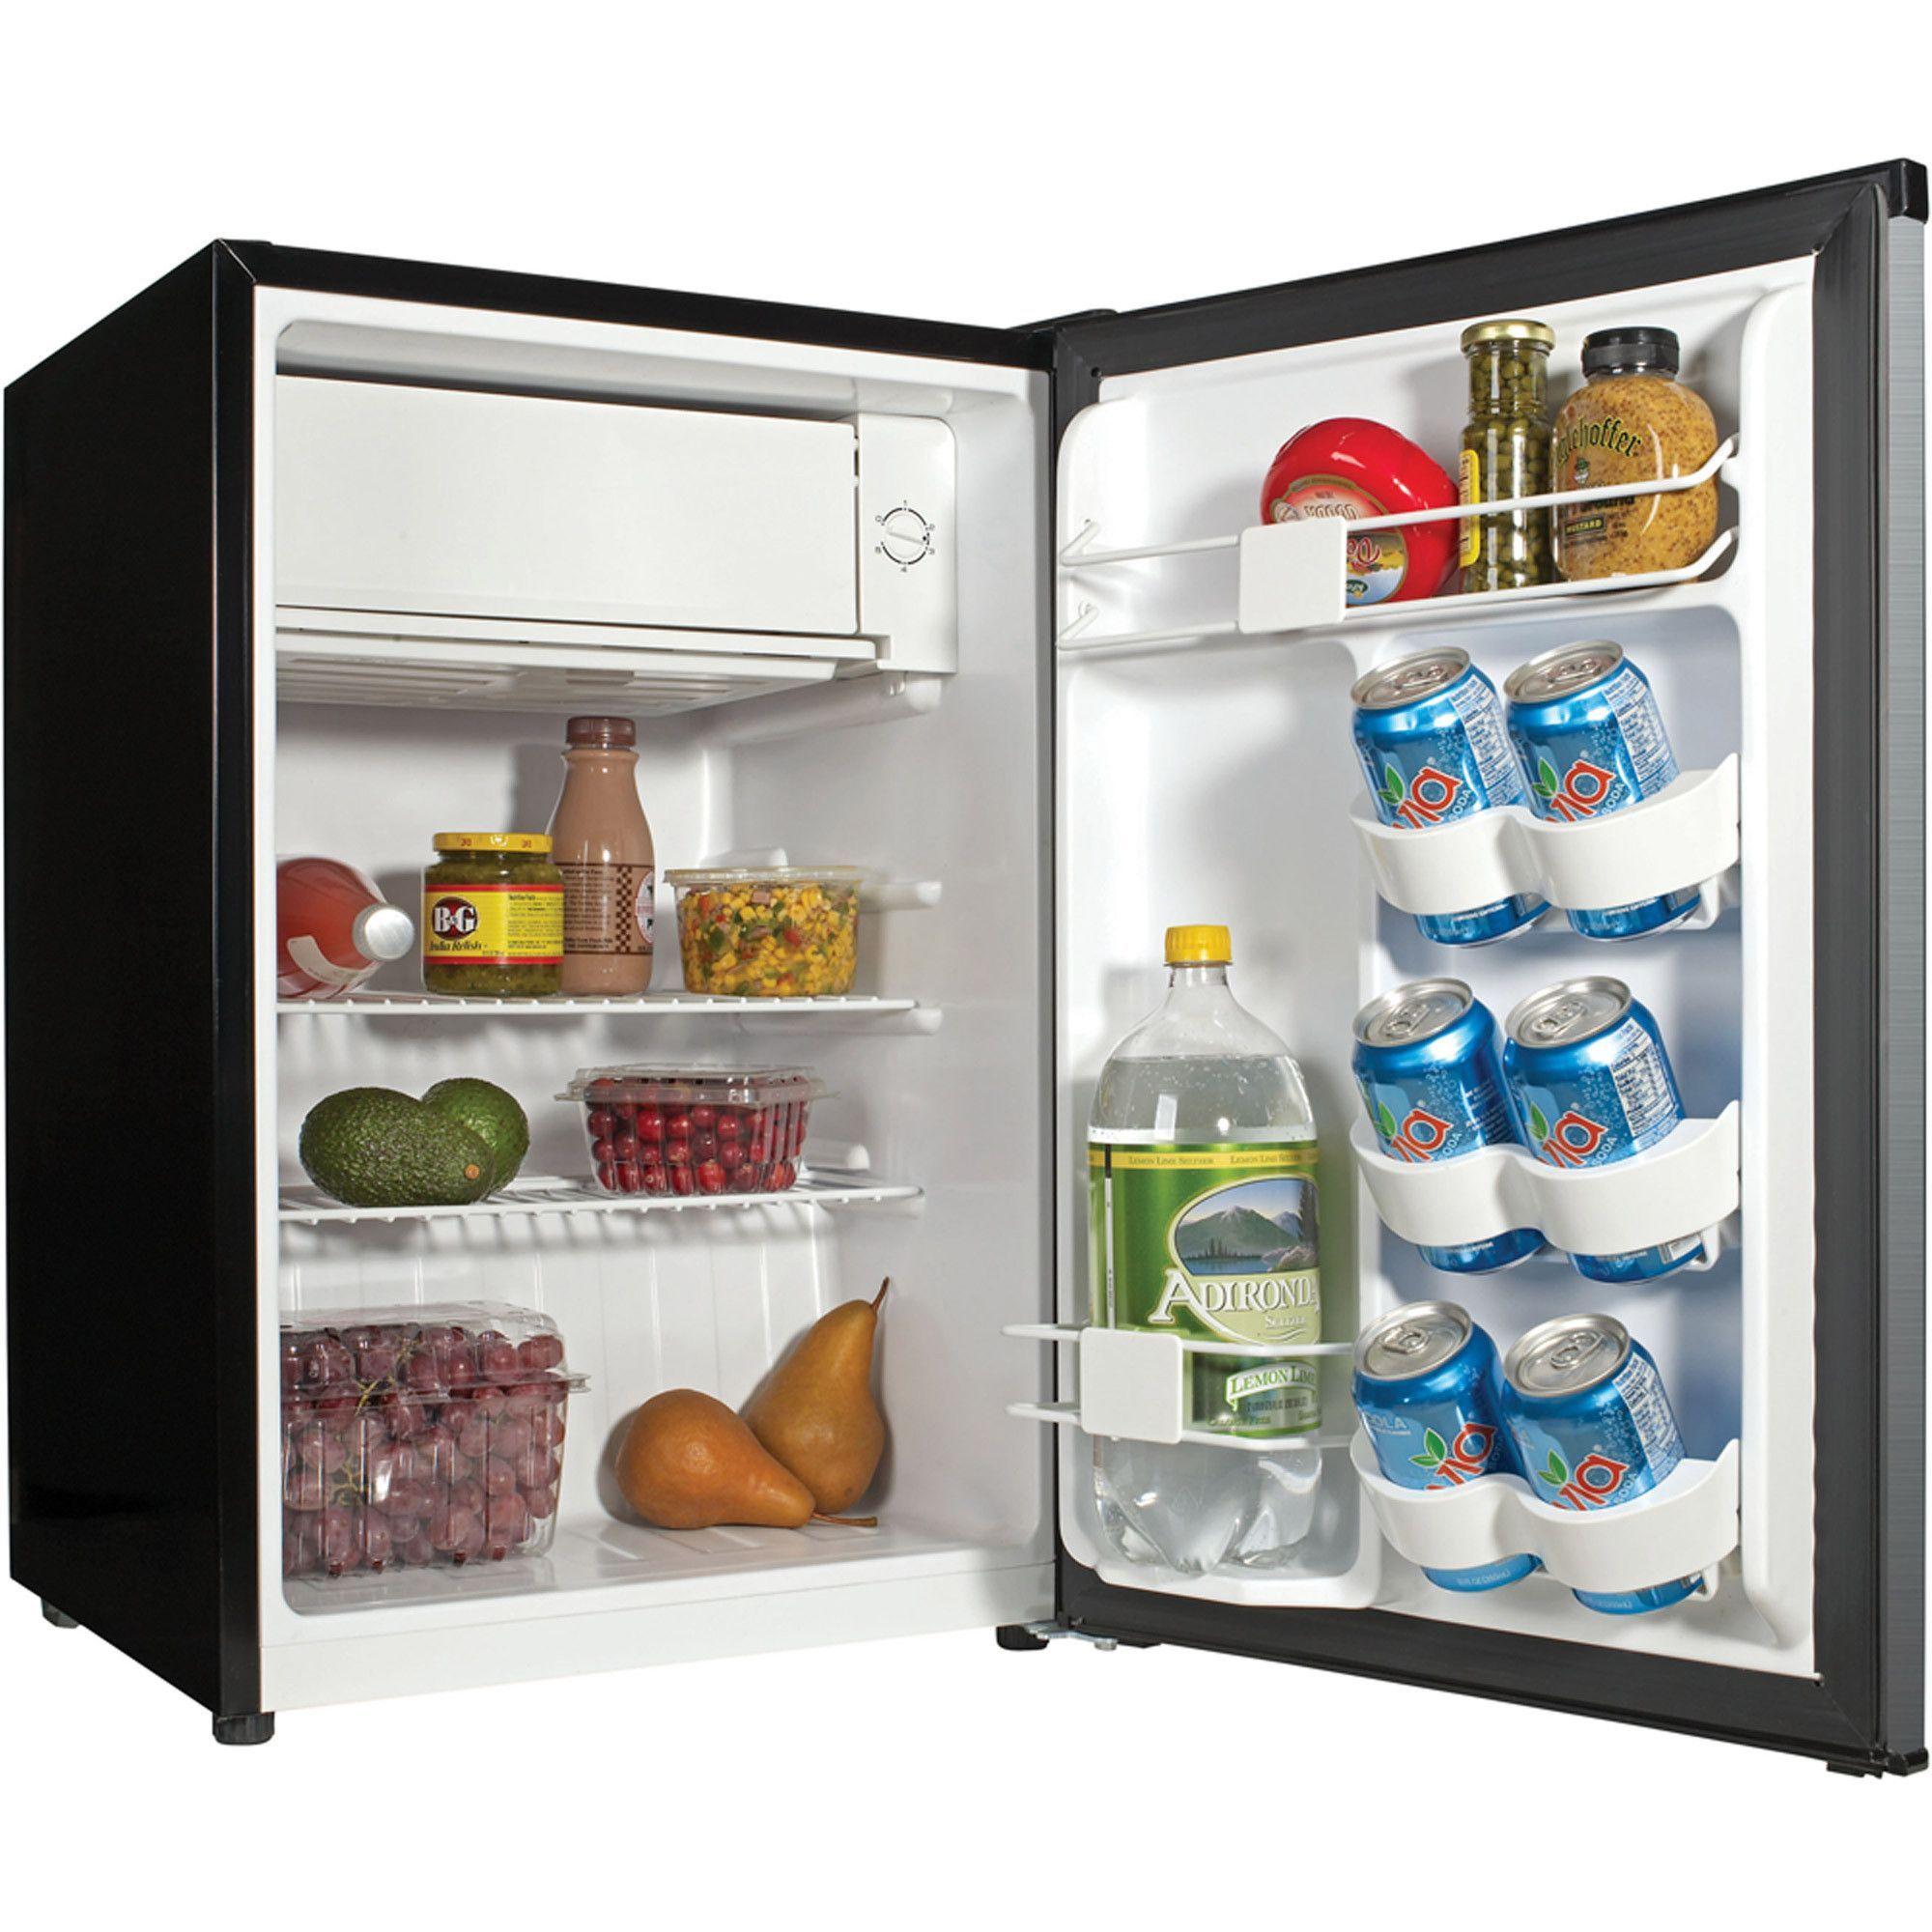 Small Mini Dorm Room Size Refrigerator For College Small Apartment ...